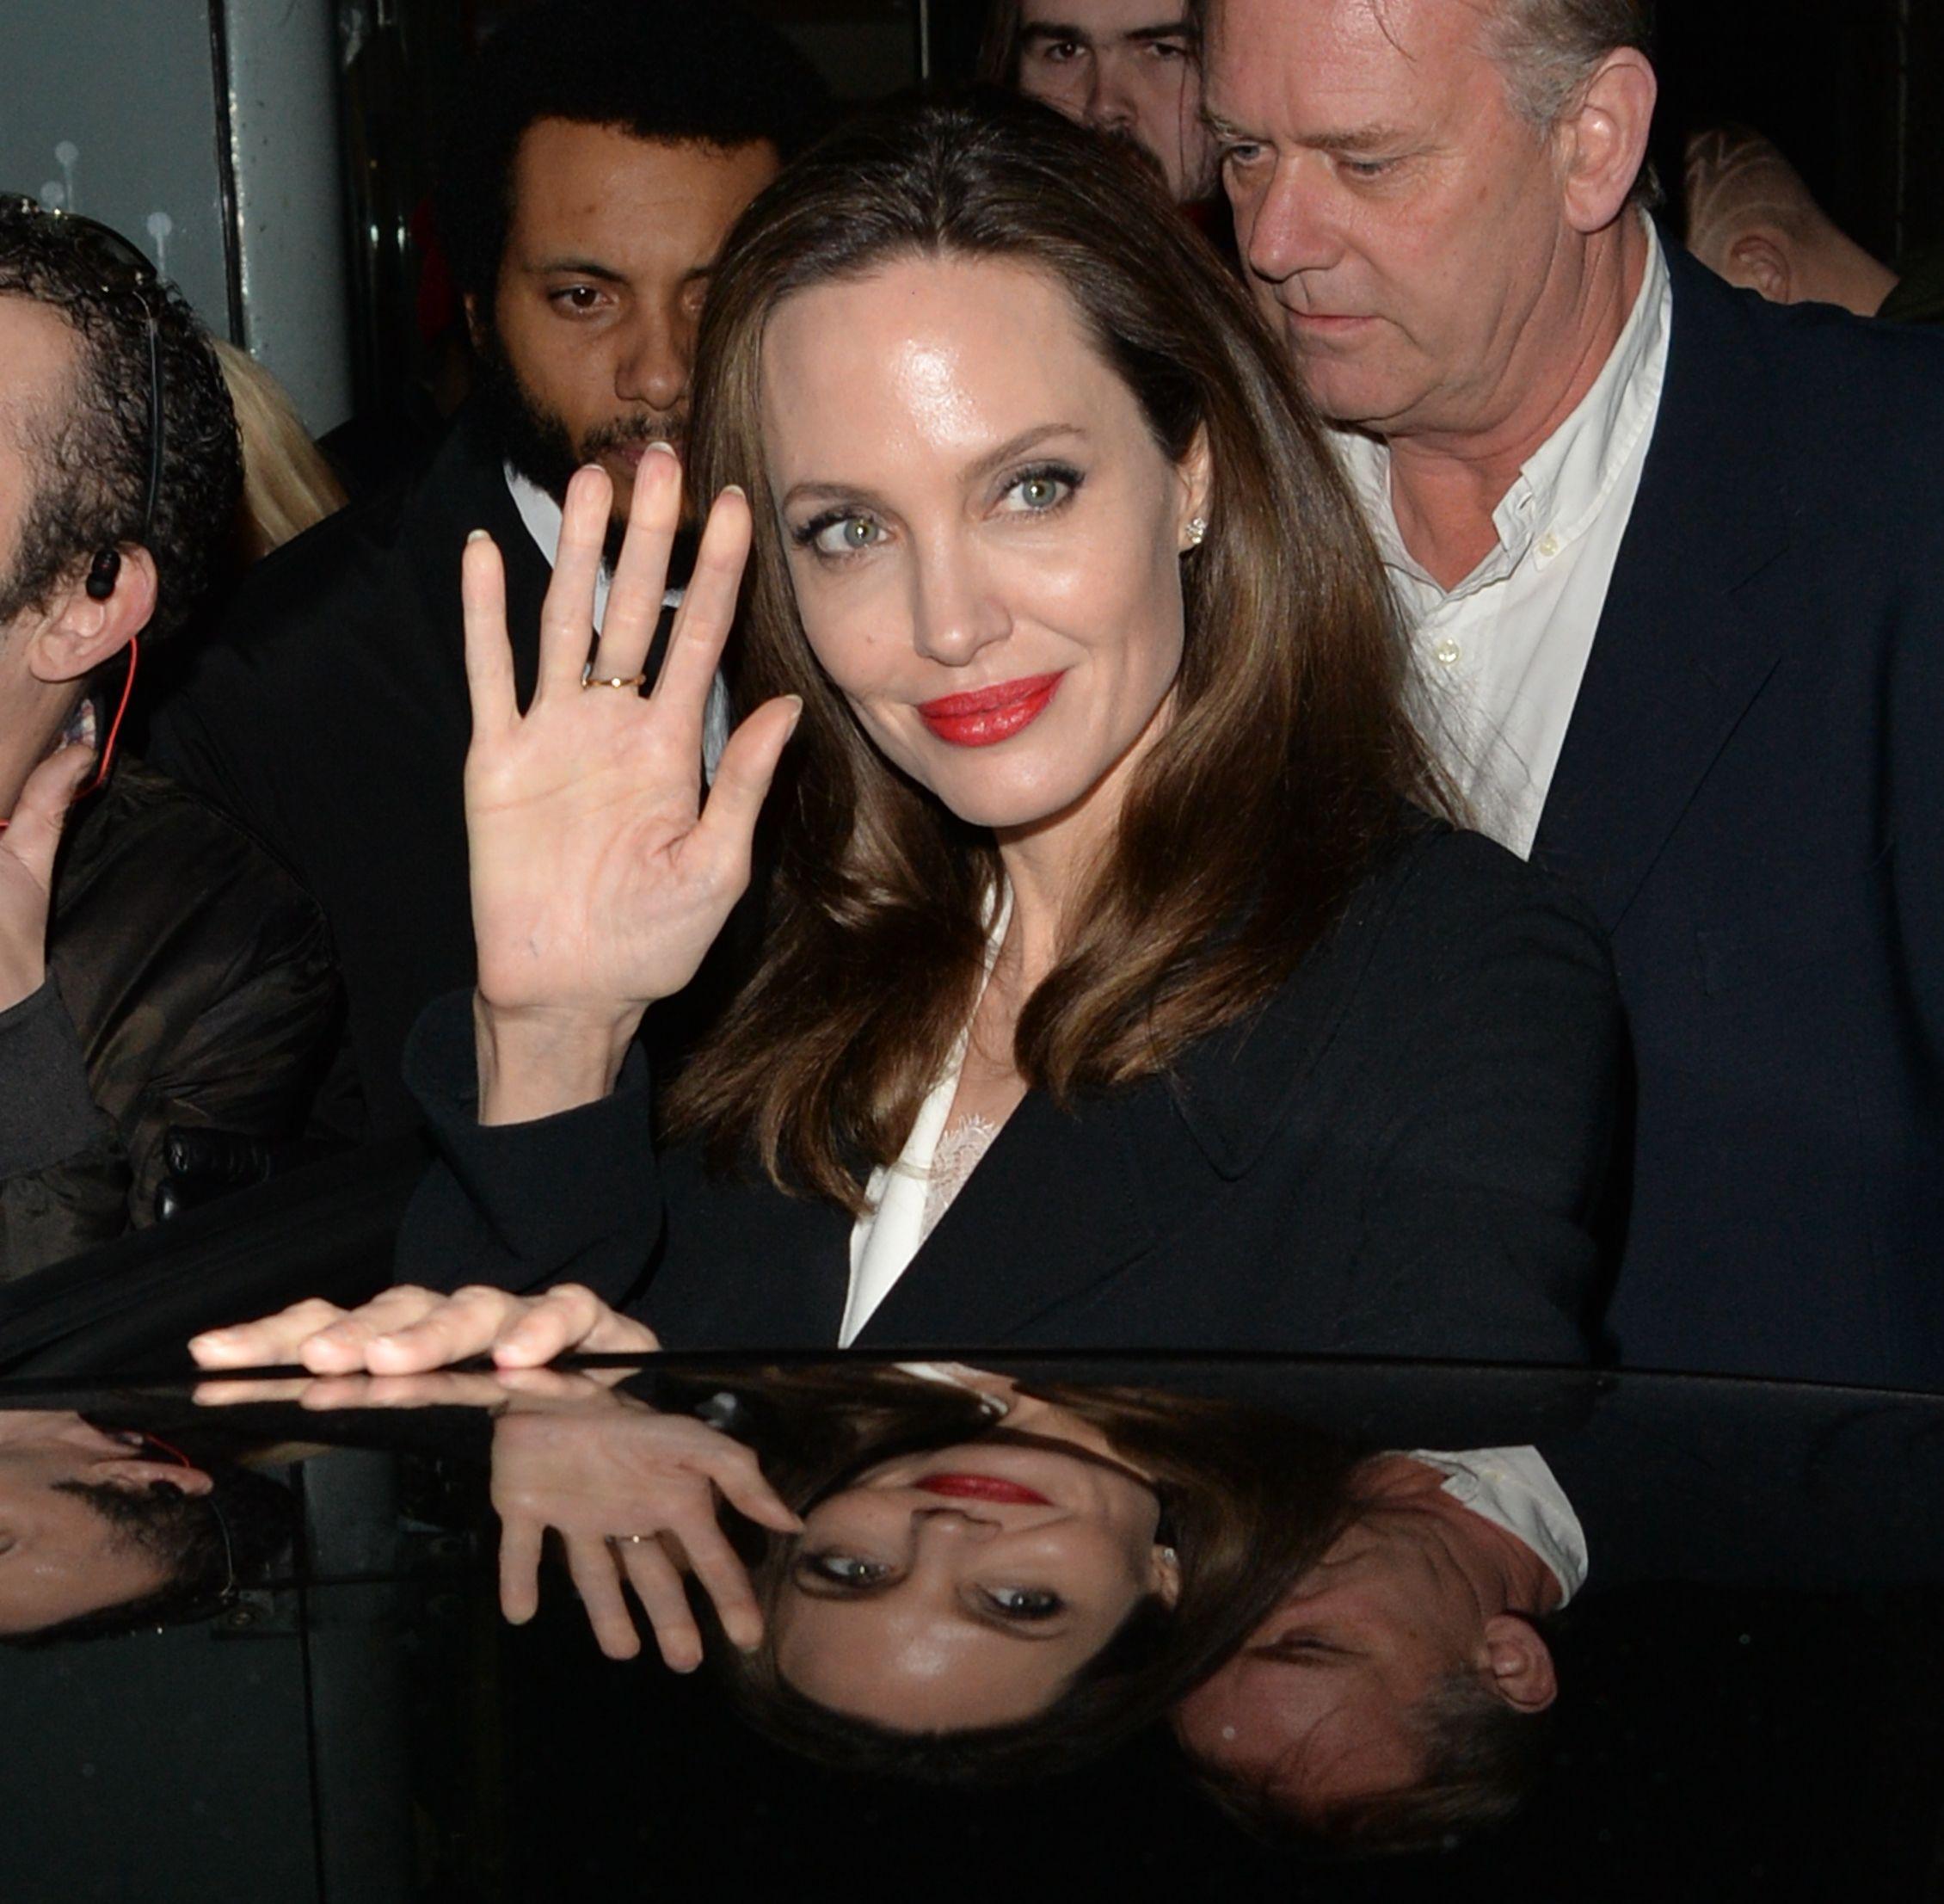 L'abito Jolie Lungo Copertissima Angelina Nero Di Anti Sexy 8PN0nwOkXZ